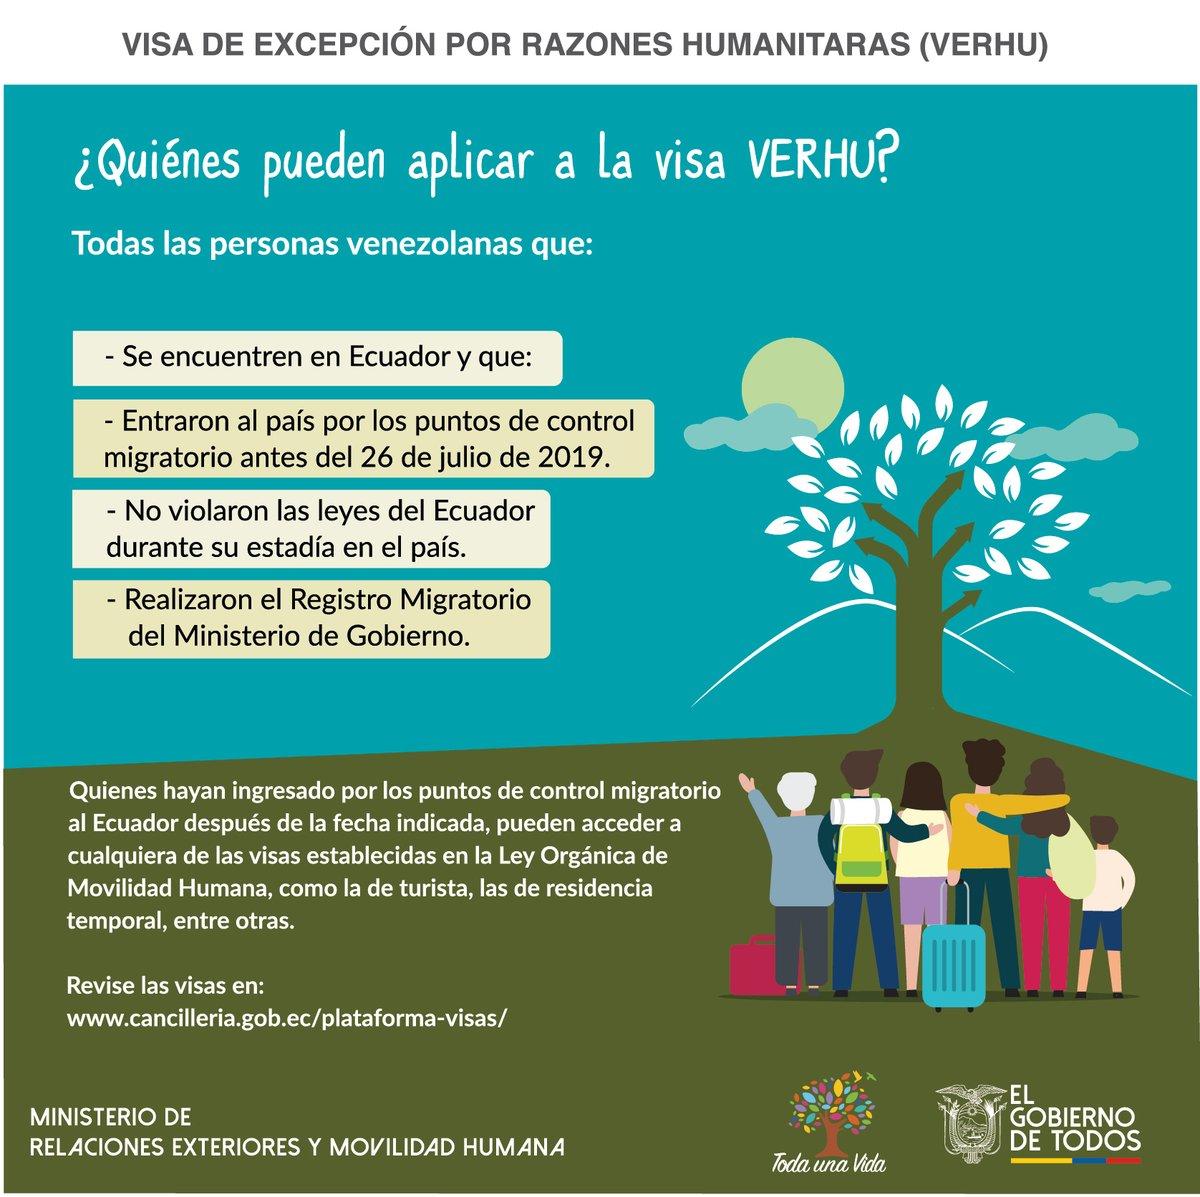 Cancilleria Ecuador Di Twitter Visasverhu Tienes Dudas Sobre El Proceso De Regularizacion Para Ciudadanos Venezolanos Que Lleva A Cabo El Gobierno Del Ecuador Revisa Aqui Un Listado De Preguntas Frecuentes Que